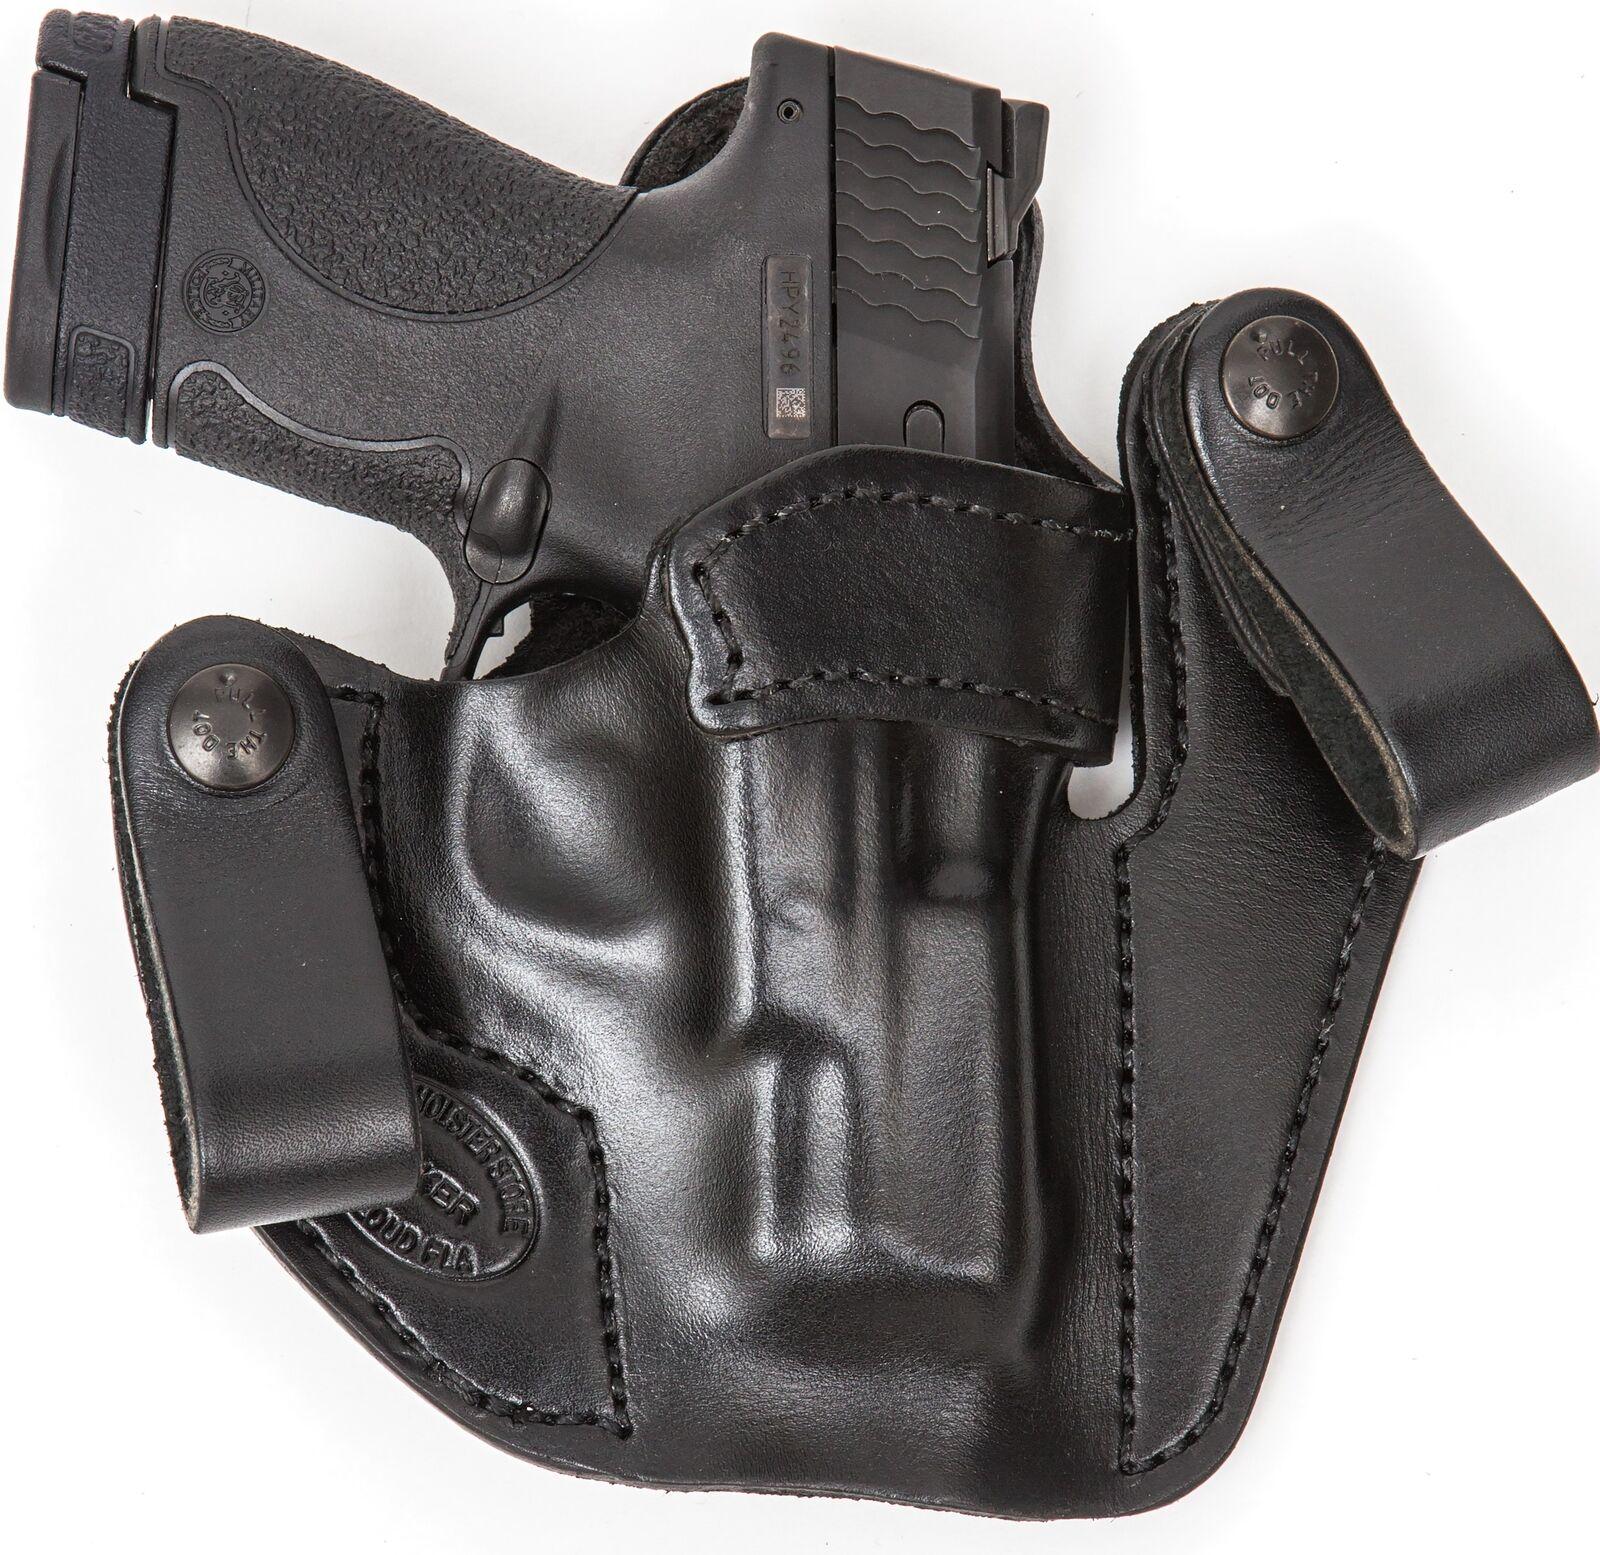 XTREME llevar RH LH dentro de la cintura de cuero Funda Pistola Para Beretta 90-Two